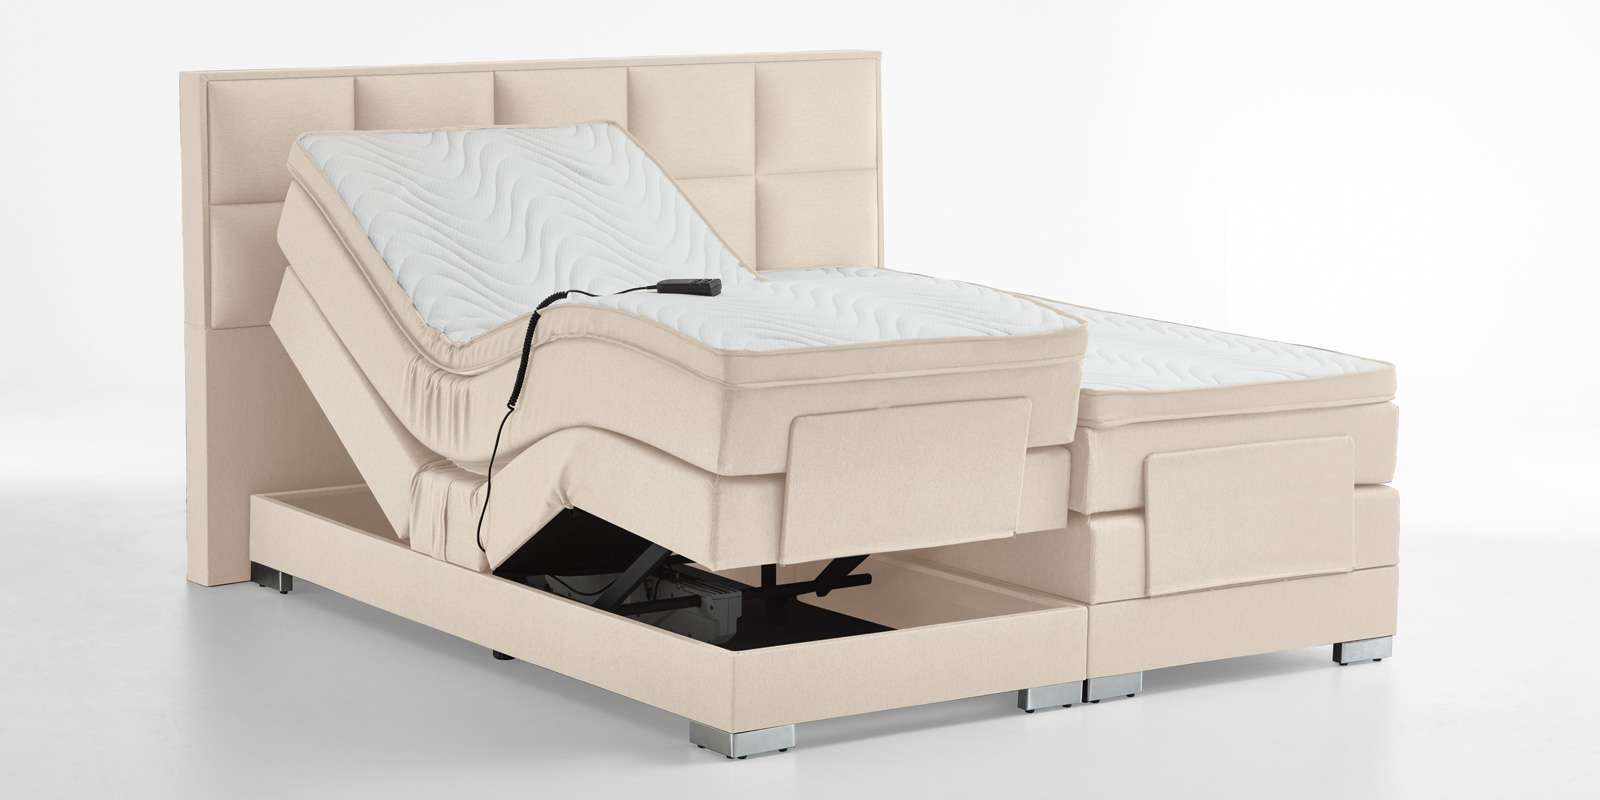 Boxspringbett elektrisch verstellbar in beige bequem günstig online bestellen bei Moebella24